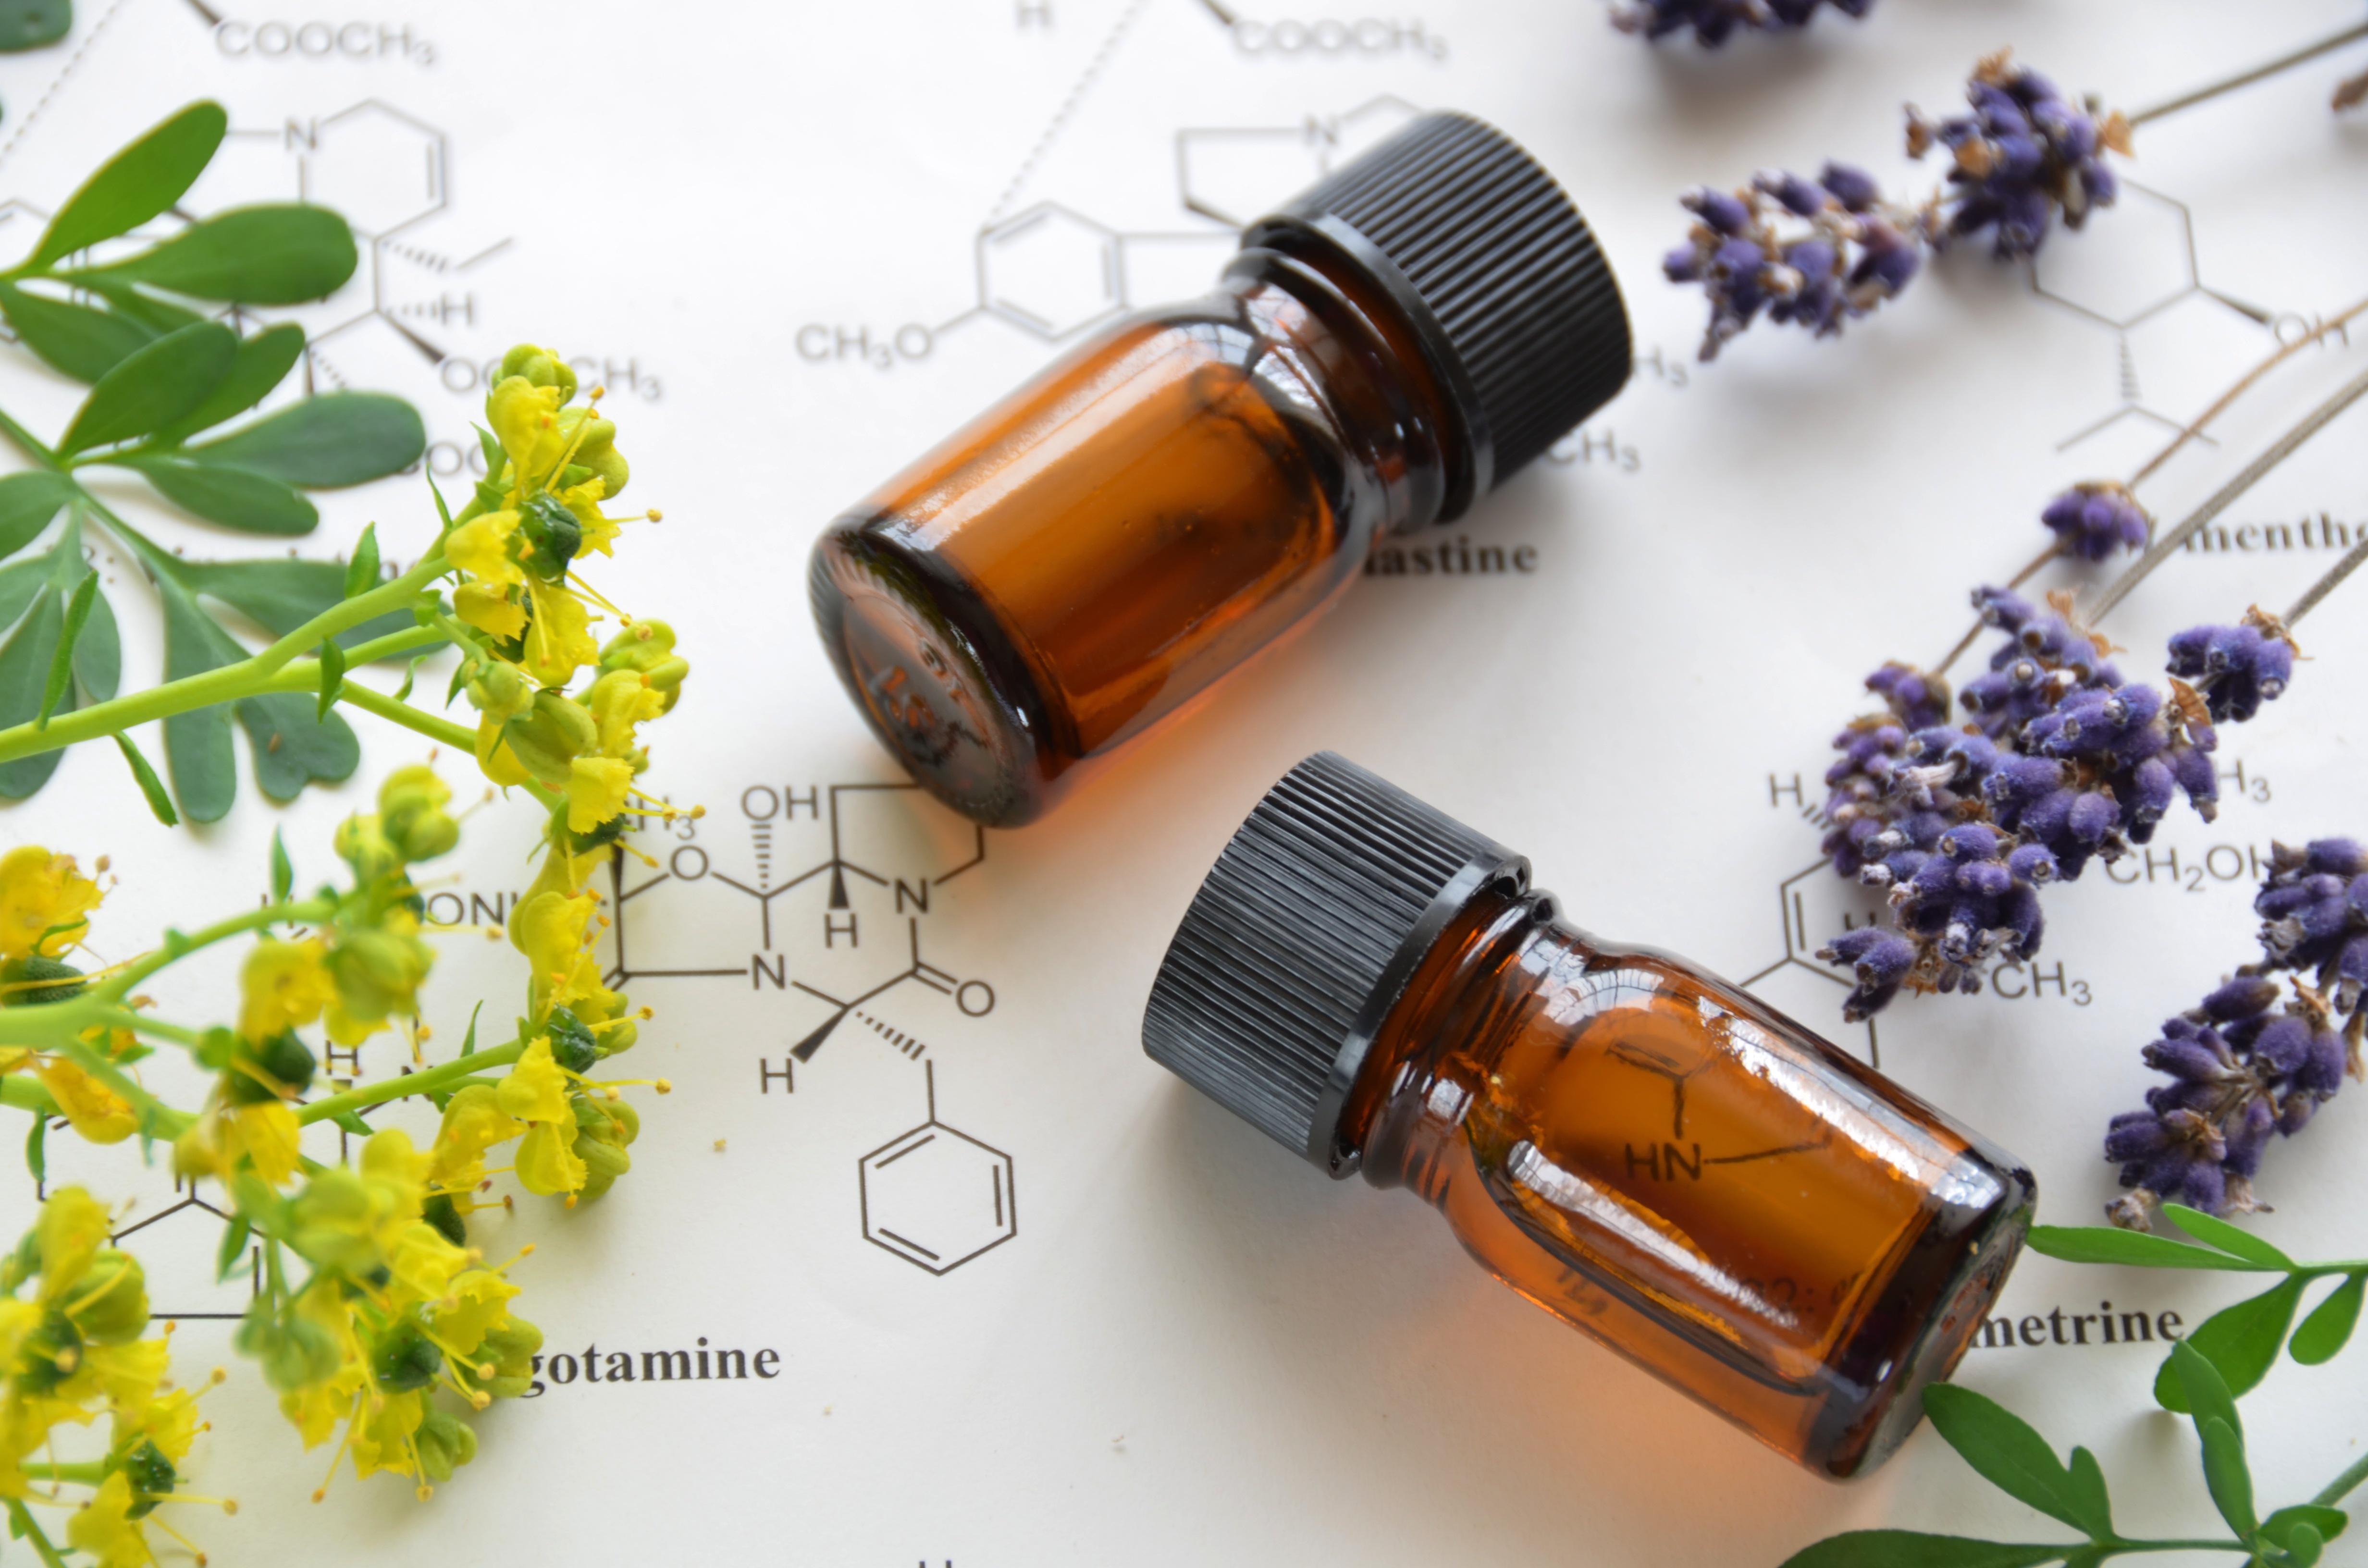 chemistry & samples